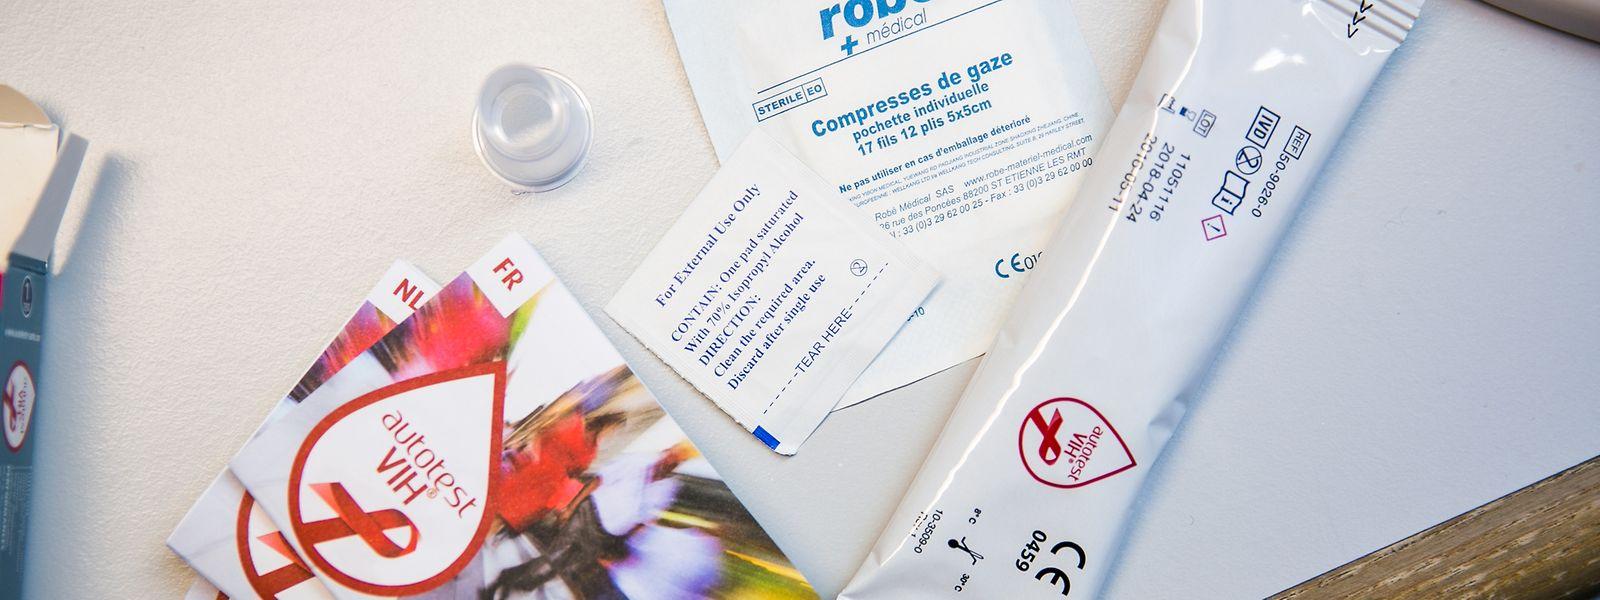 Après 15 minutes, le test montre si vous êtes séropositif ou non.